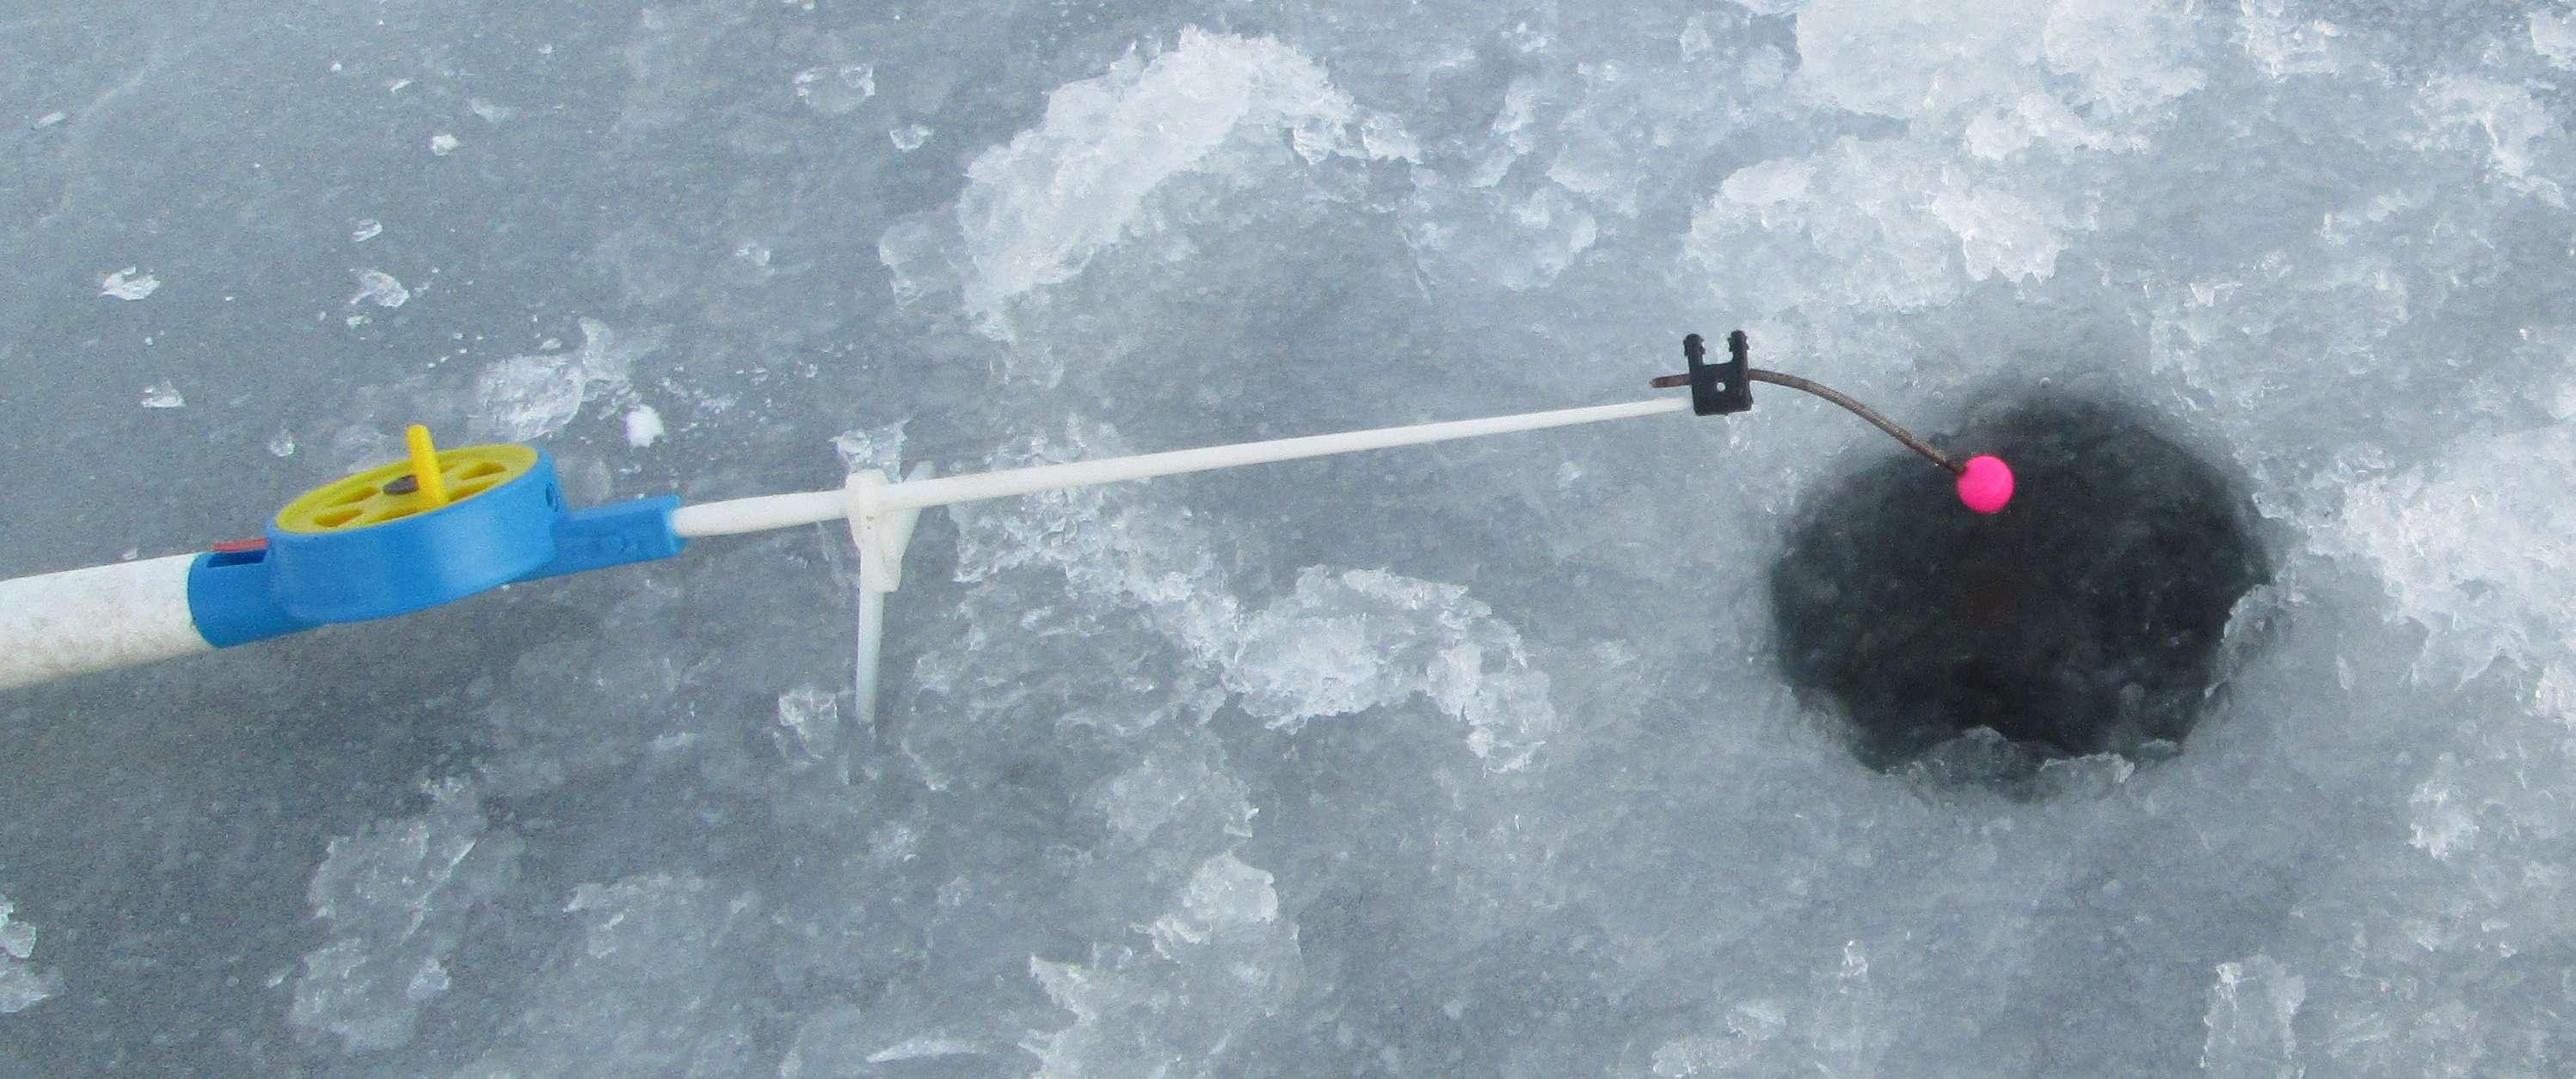 Ловля корюшки зимой: особенности, способы и интересные факты